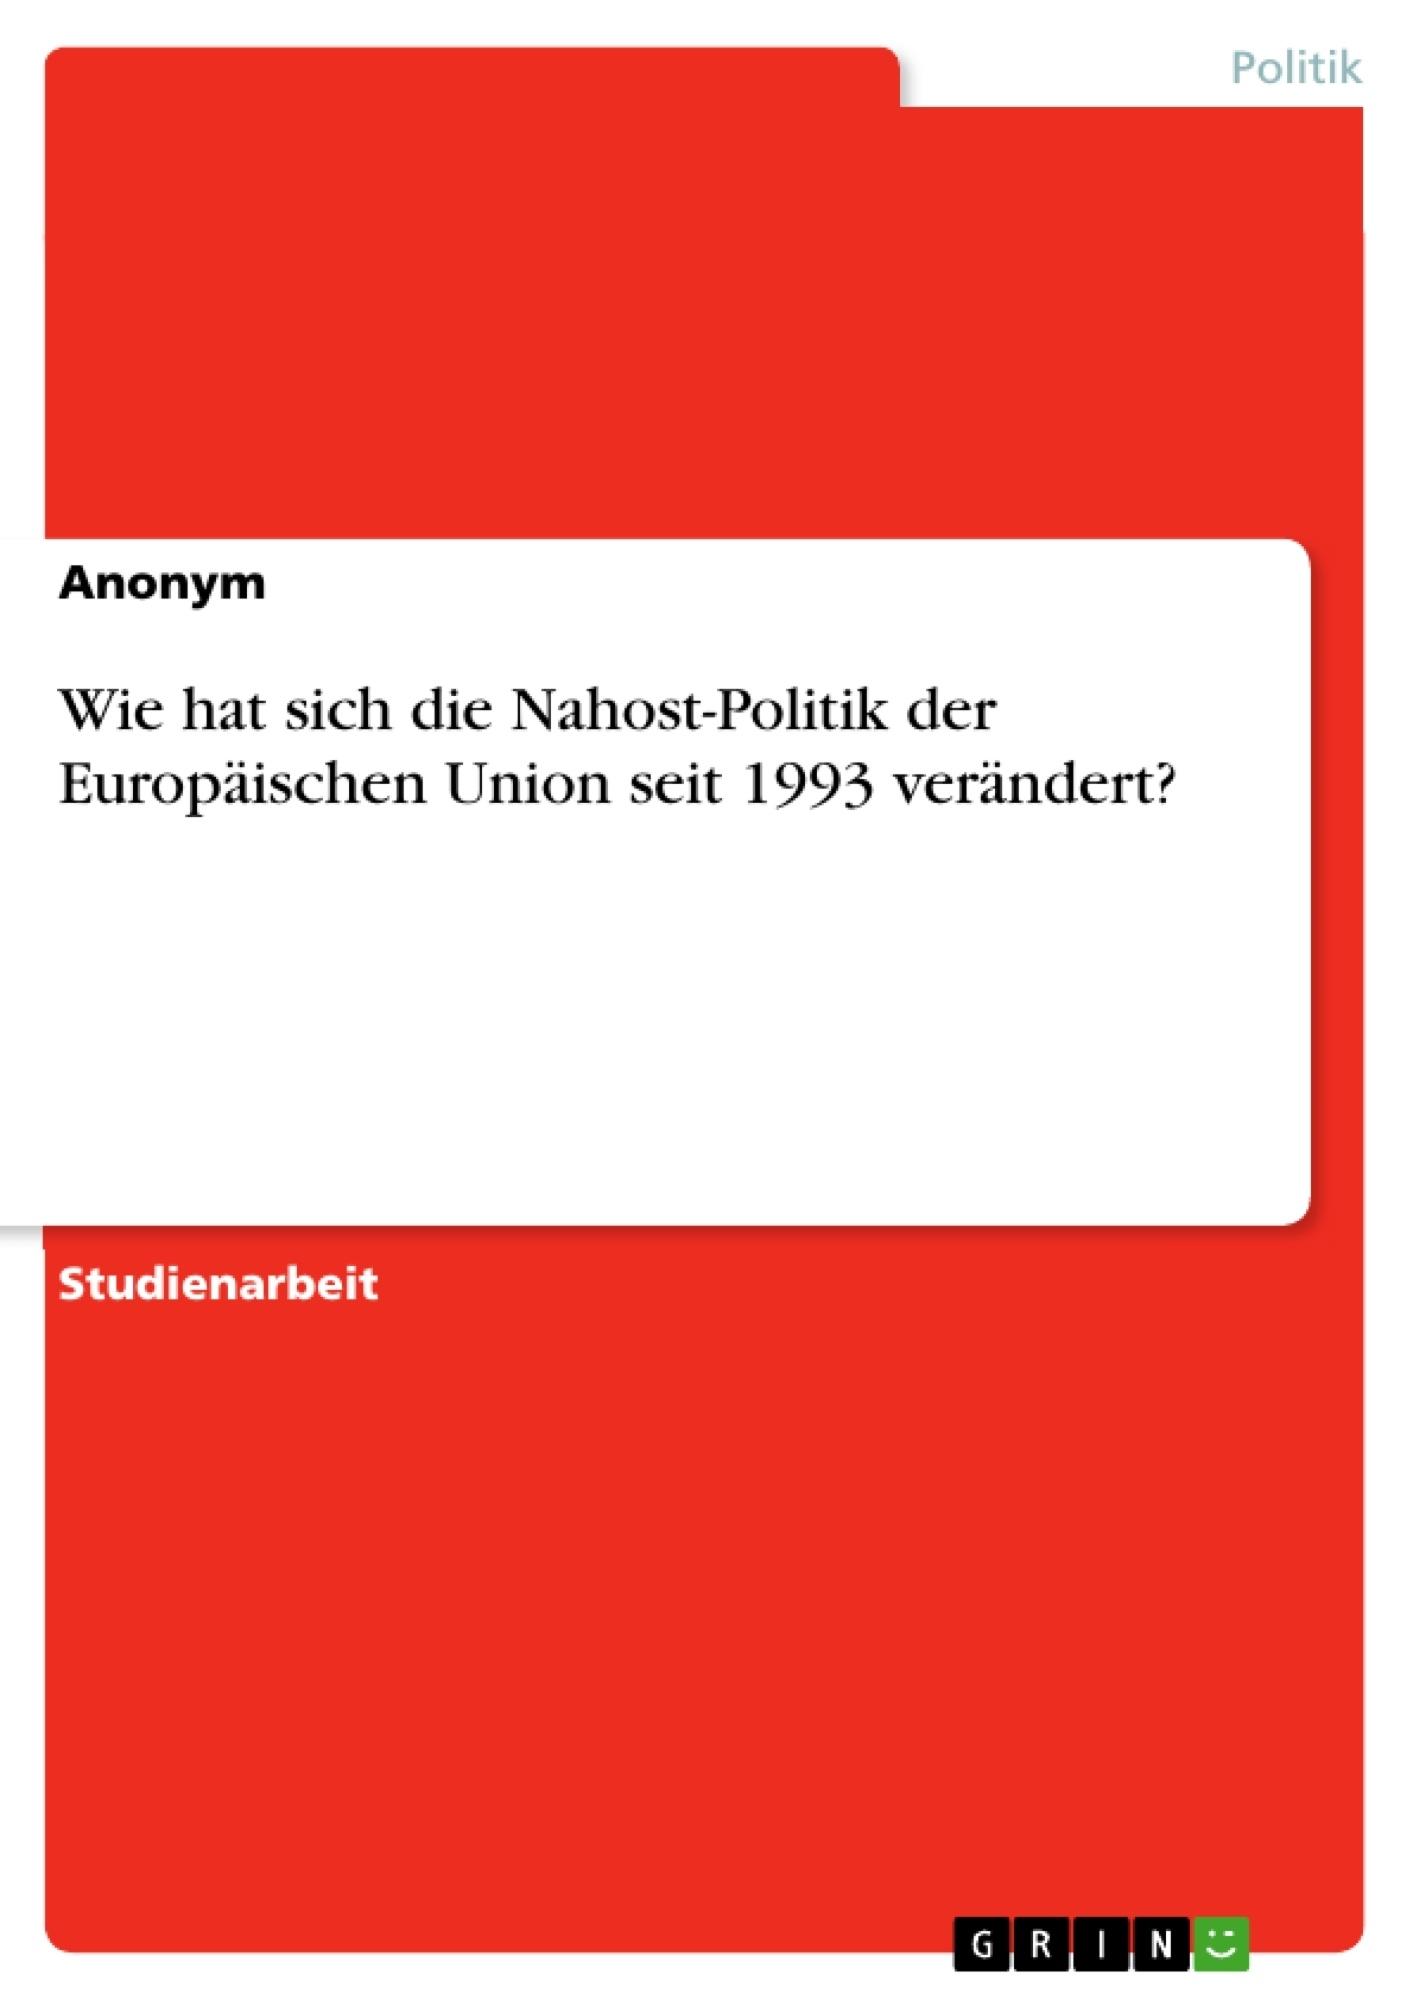 Titel: Wie hat sich die Nahost-Politik der Europäischen Union seit 1993 verändert?